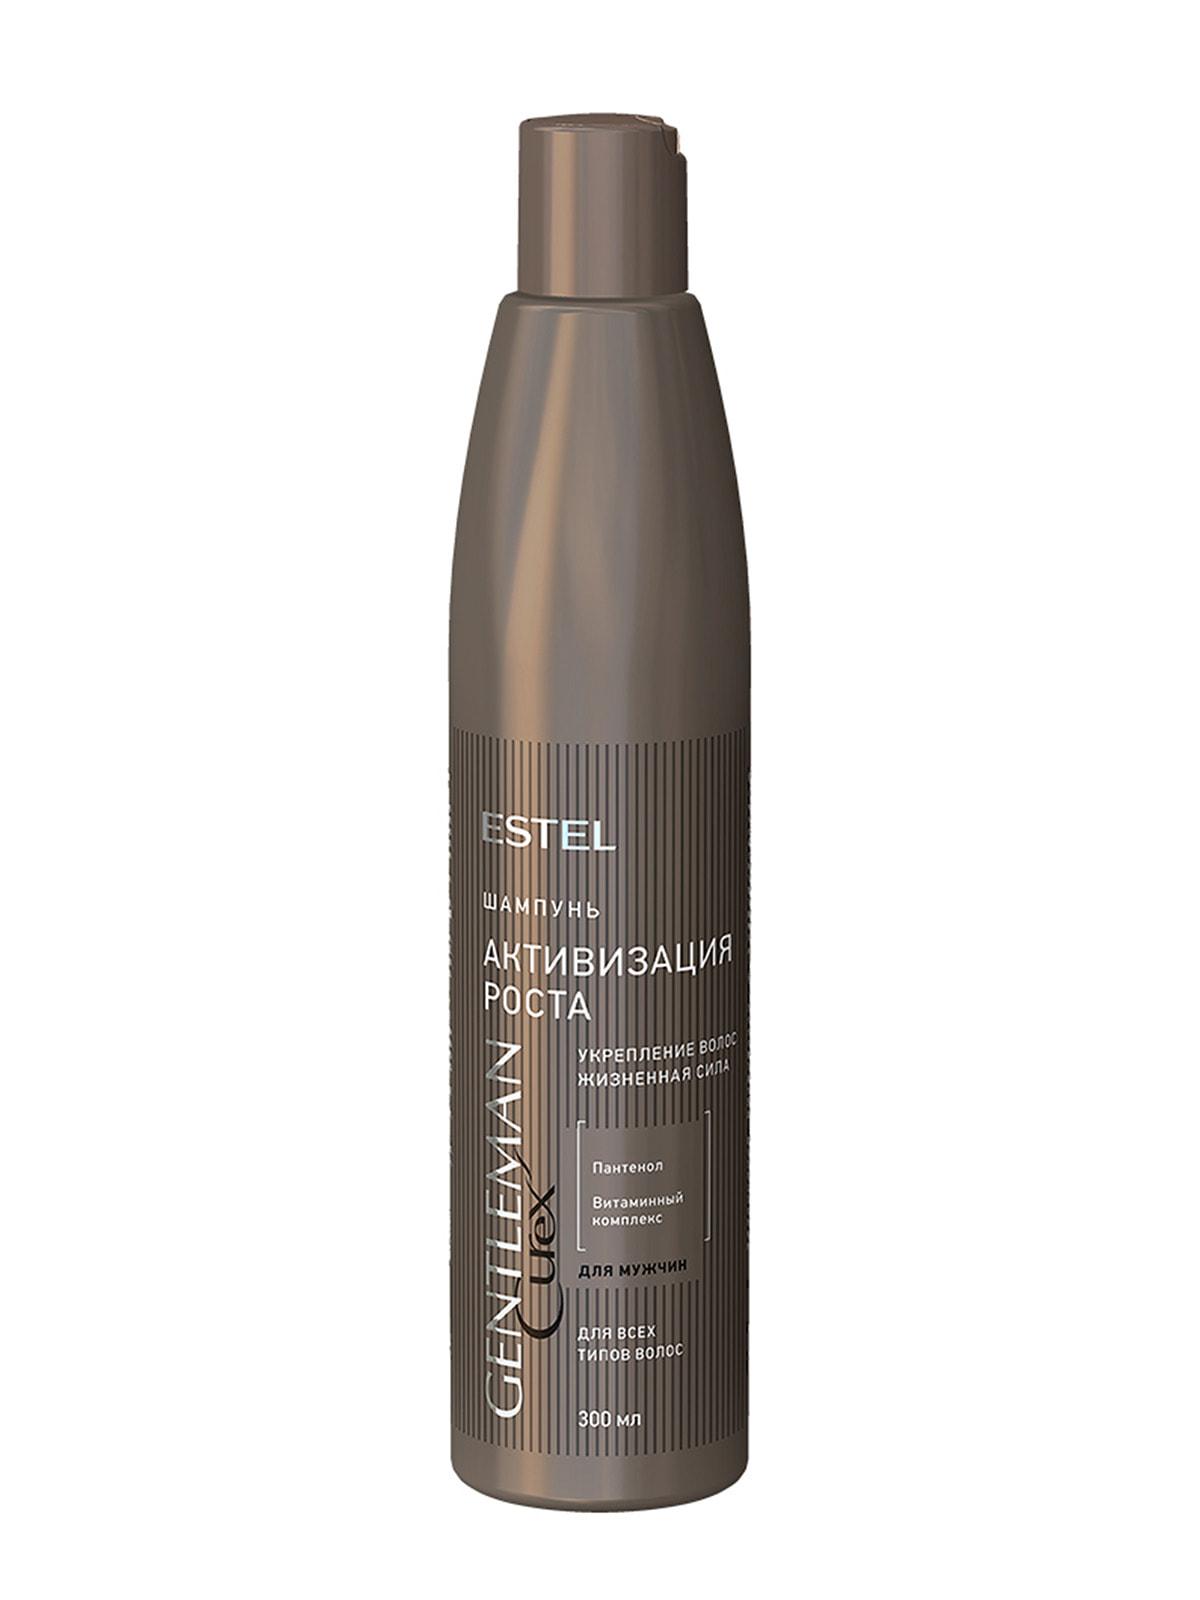 Шампунь Curex Gentleman для волос, активизирует рост (300 мл) | 4693445